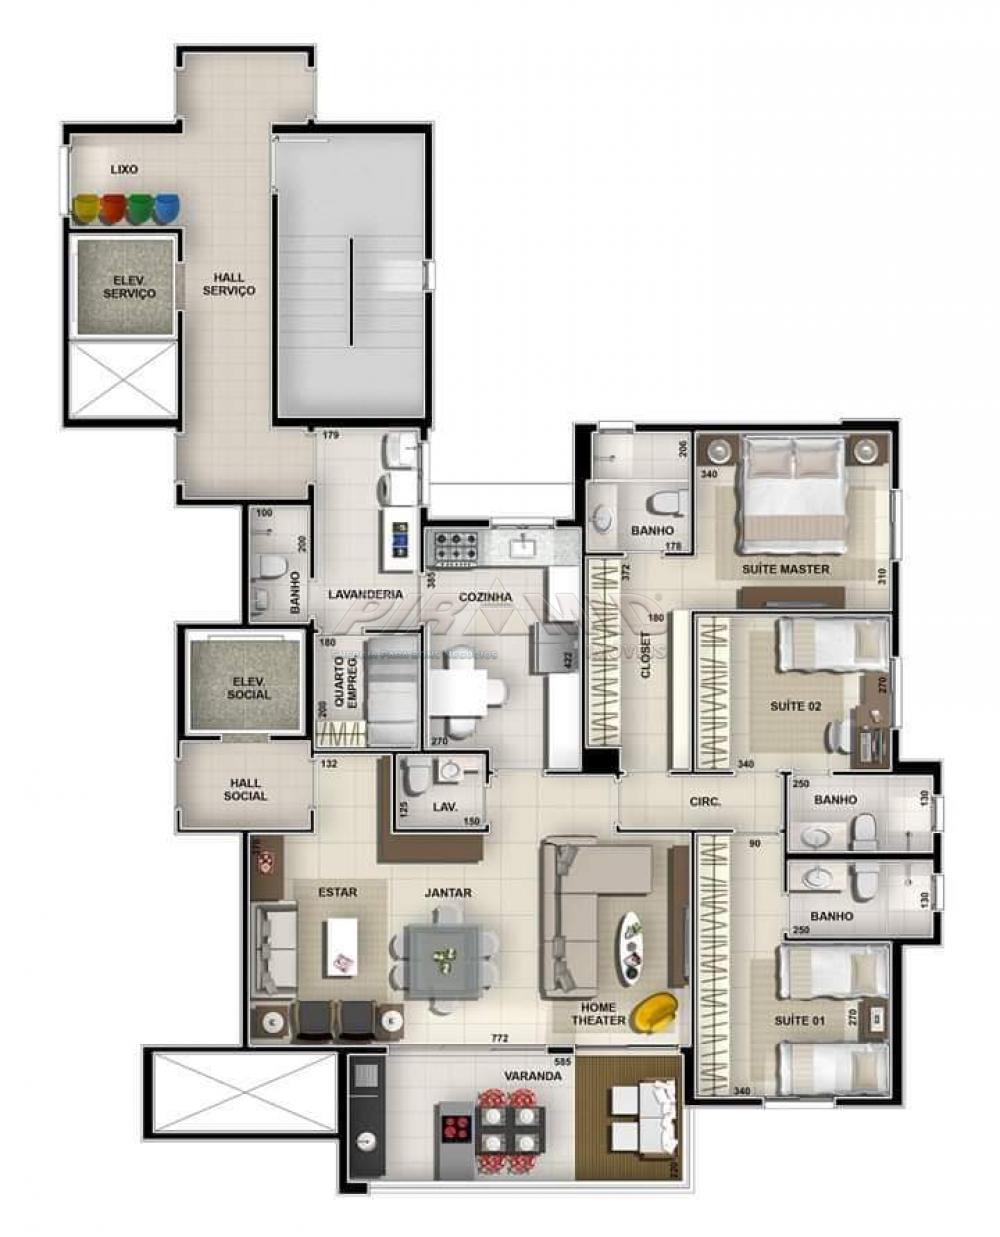 Comprar Apartamento / Padrão em Ribeirão Preto R$ 730.000,00 - Foto 32